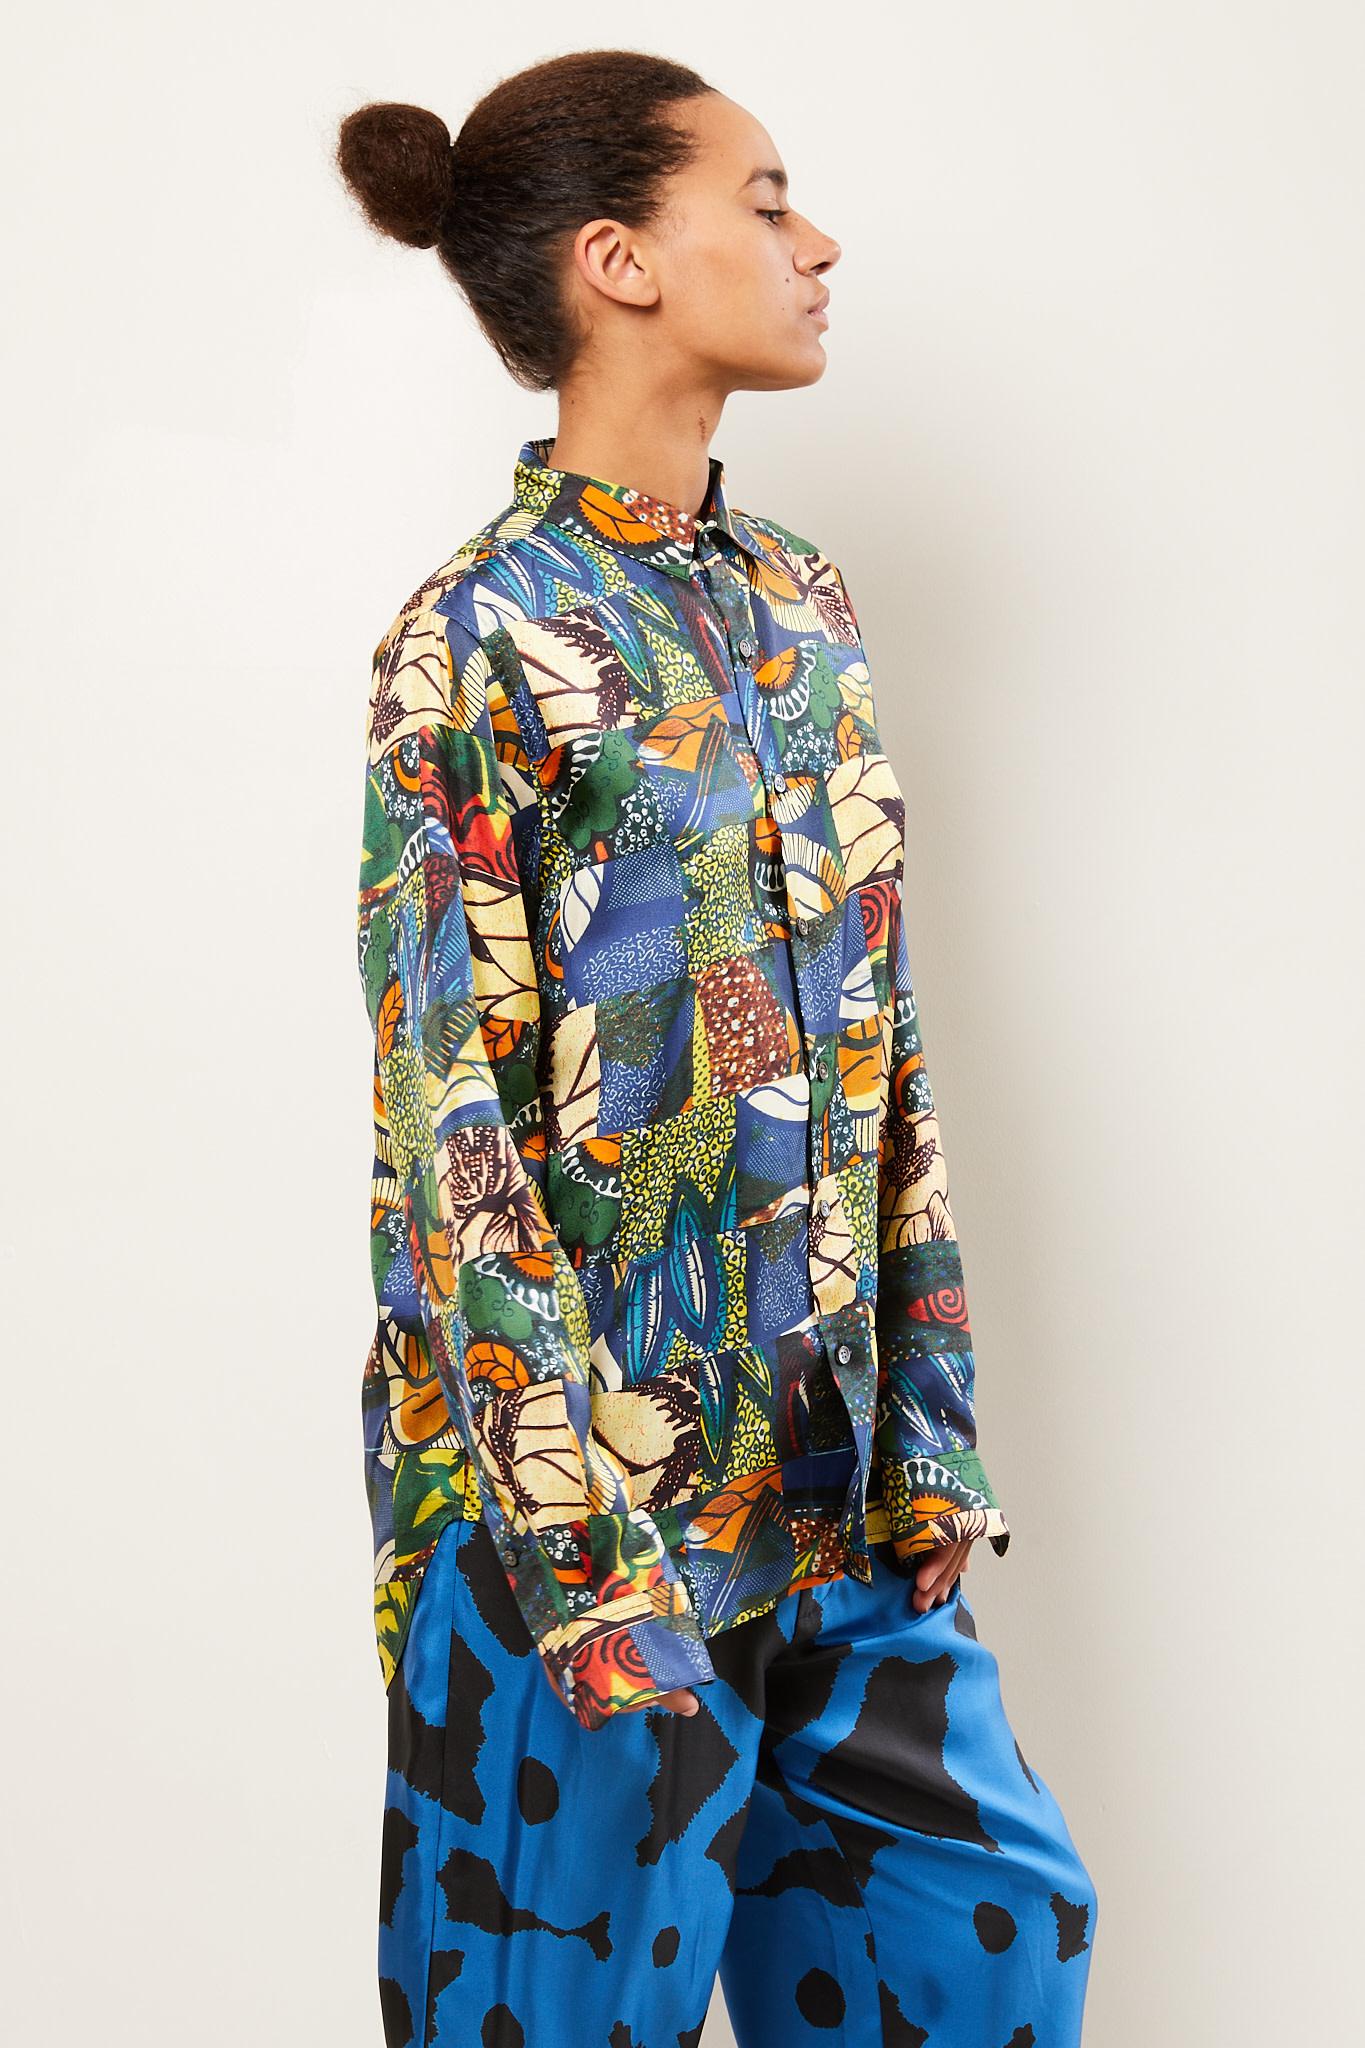 bananatime - Collar 2 shirt